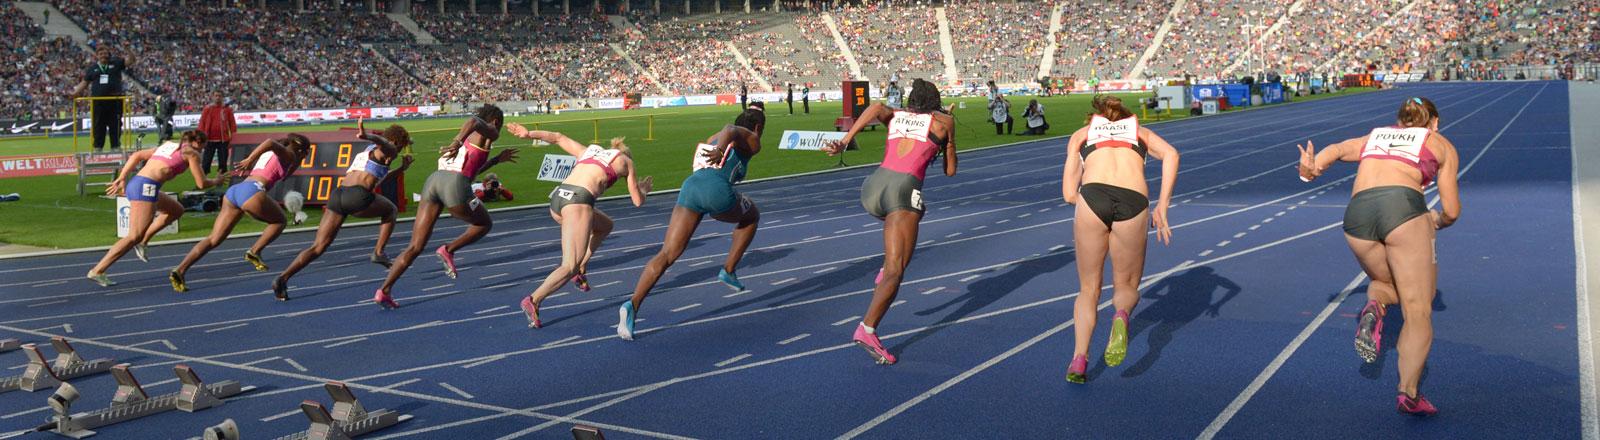 Der 100-Meter-Lauf der Frauen startet am 31.08.2014 beim 73. ISTAF-Stadionfest im Olympiastadion in Berlin.